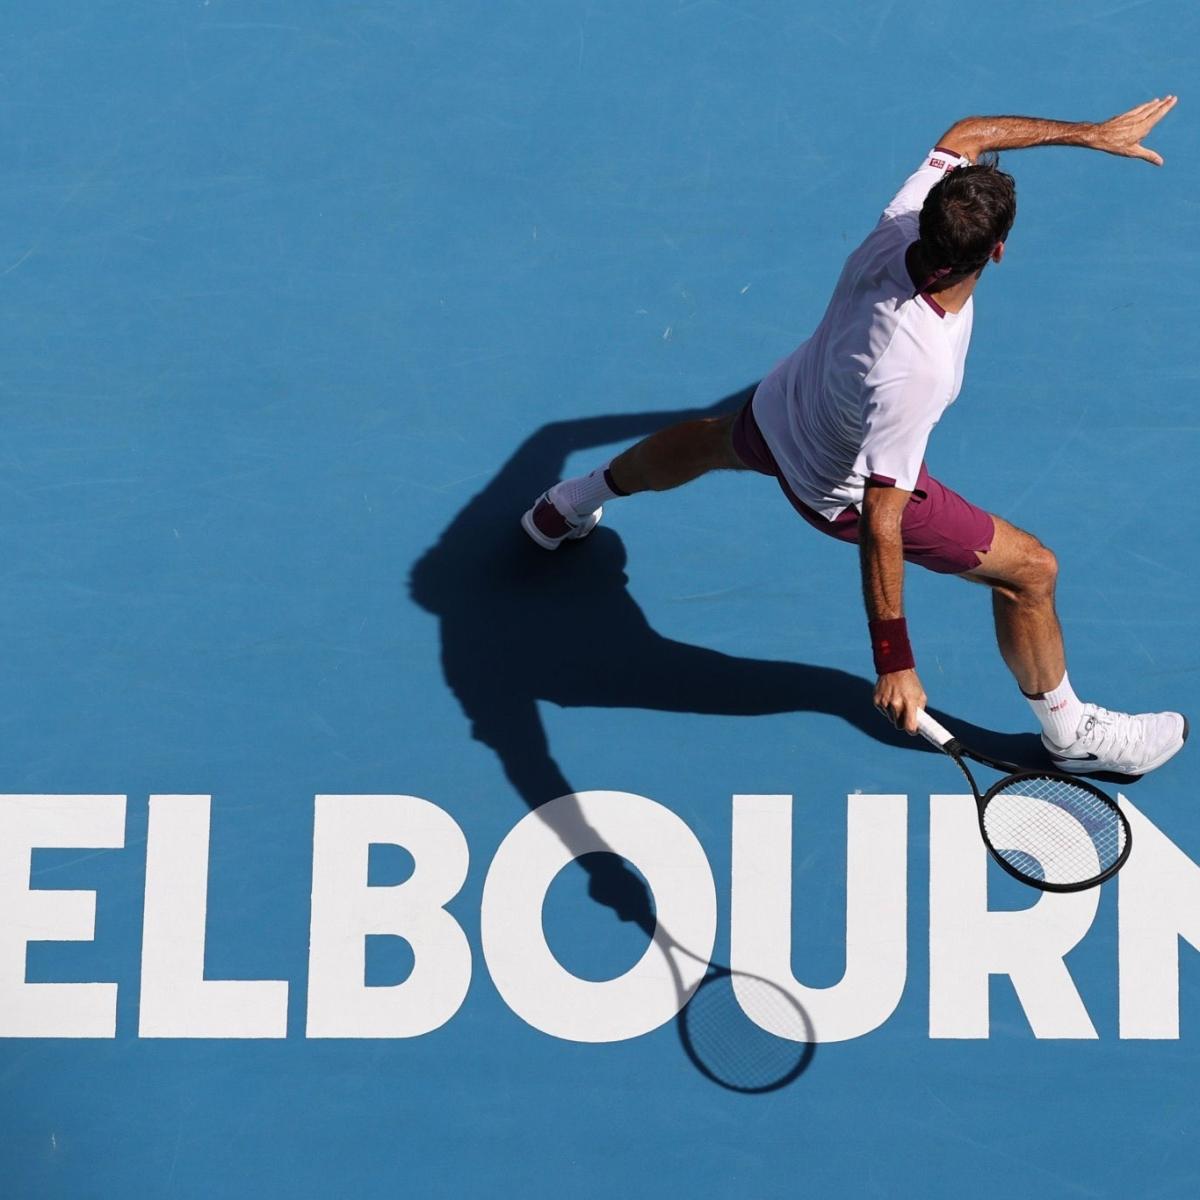 Australian Open 2020: Looking back, looking forward